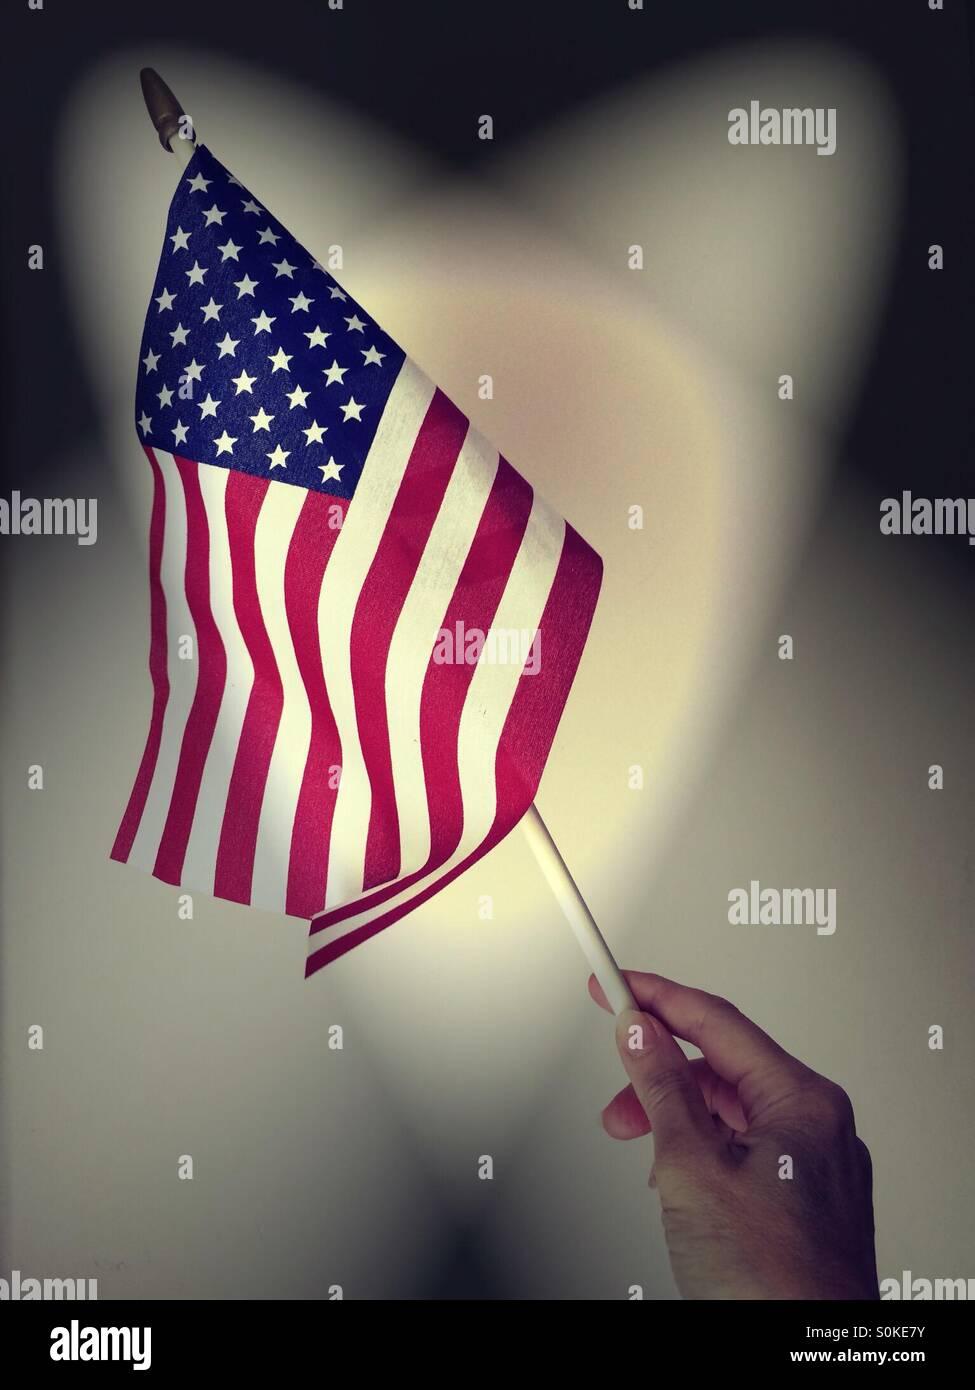 Pleins feux sur le drapeau américain tenue à la main Photo Stock